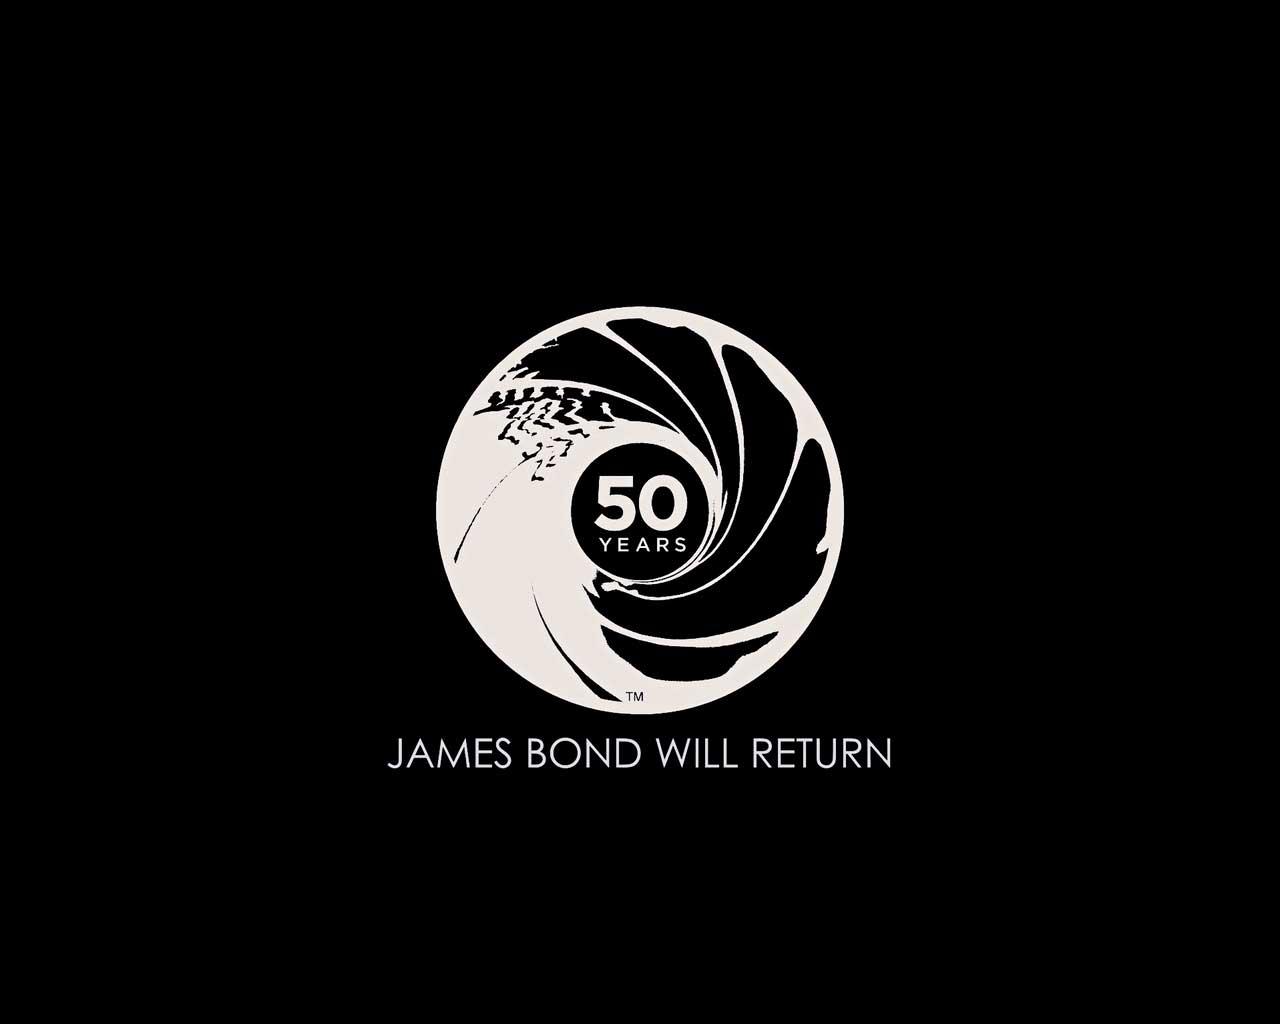 James Bond 007 will return 50 years 1280x1024